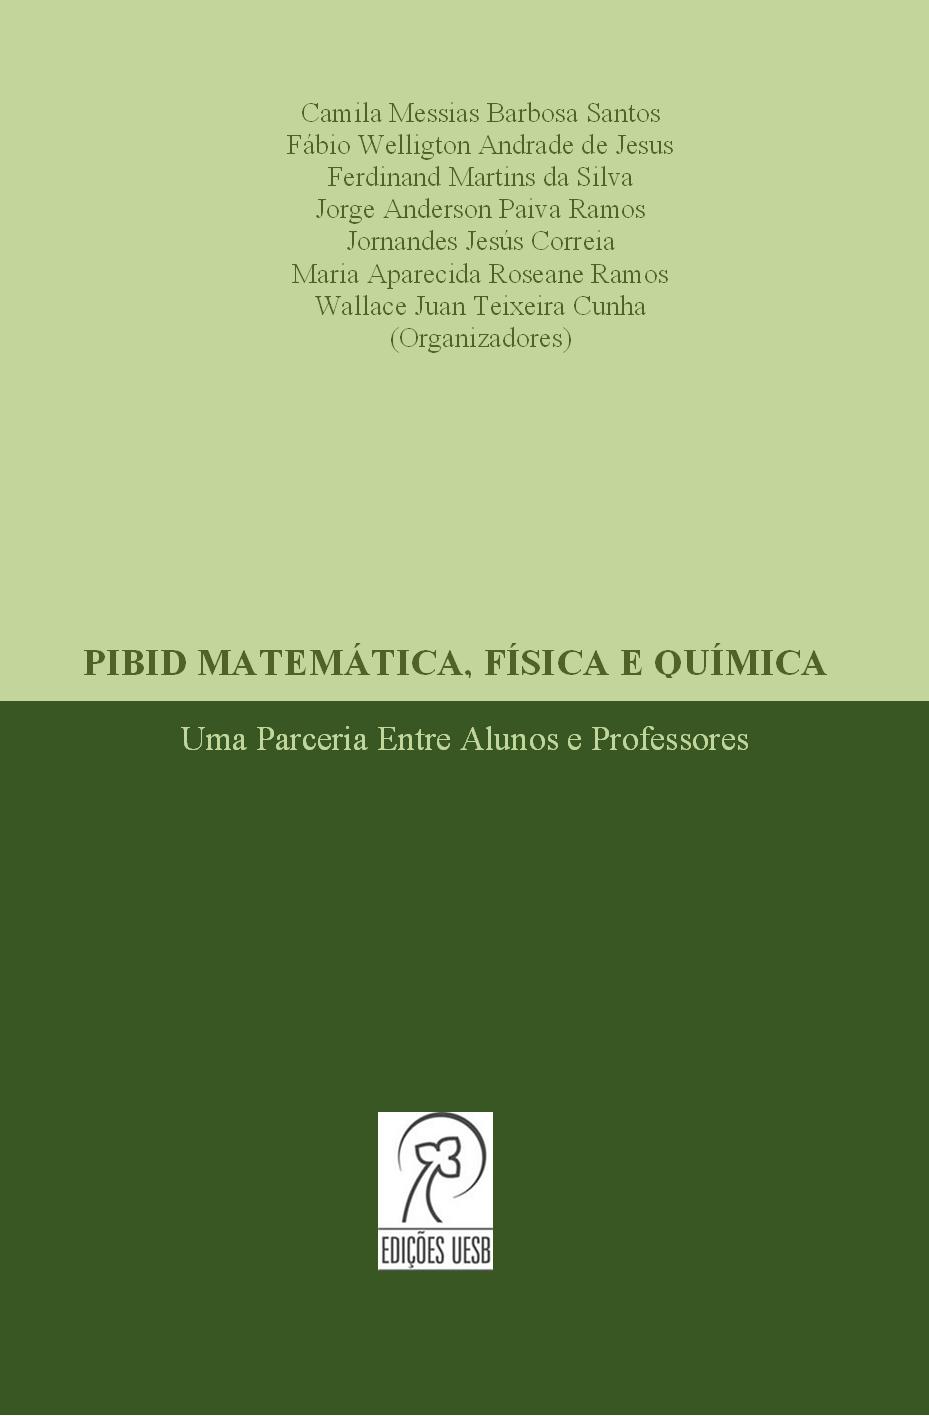 PIBID Matemática, Física e Química: uma parceria entre alunos e professores